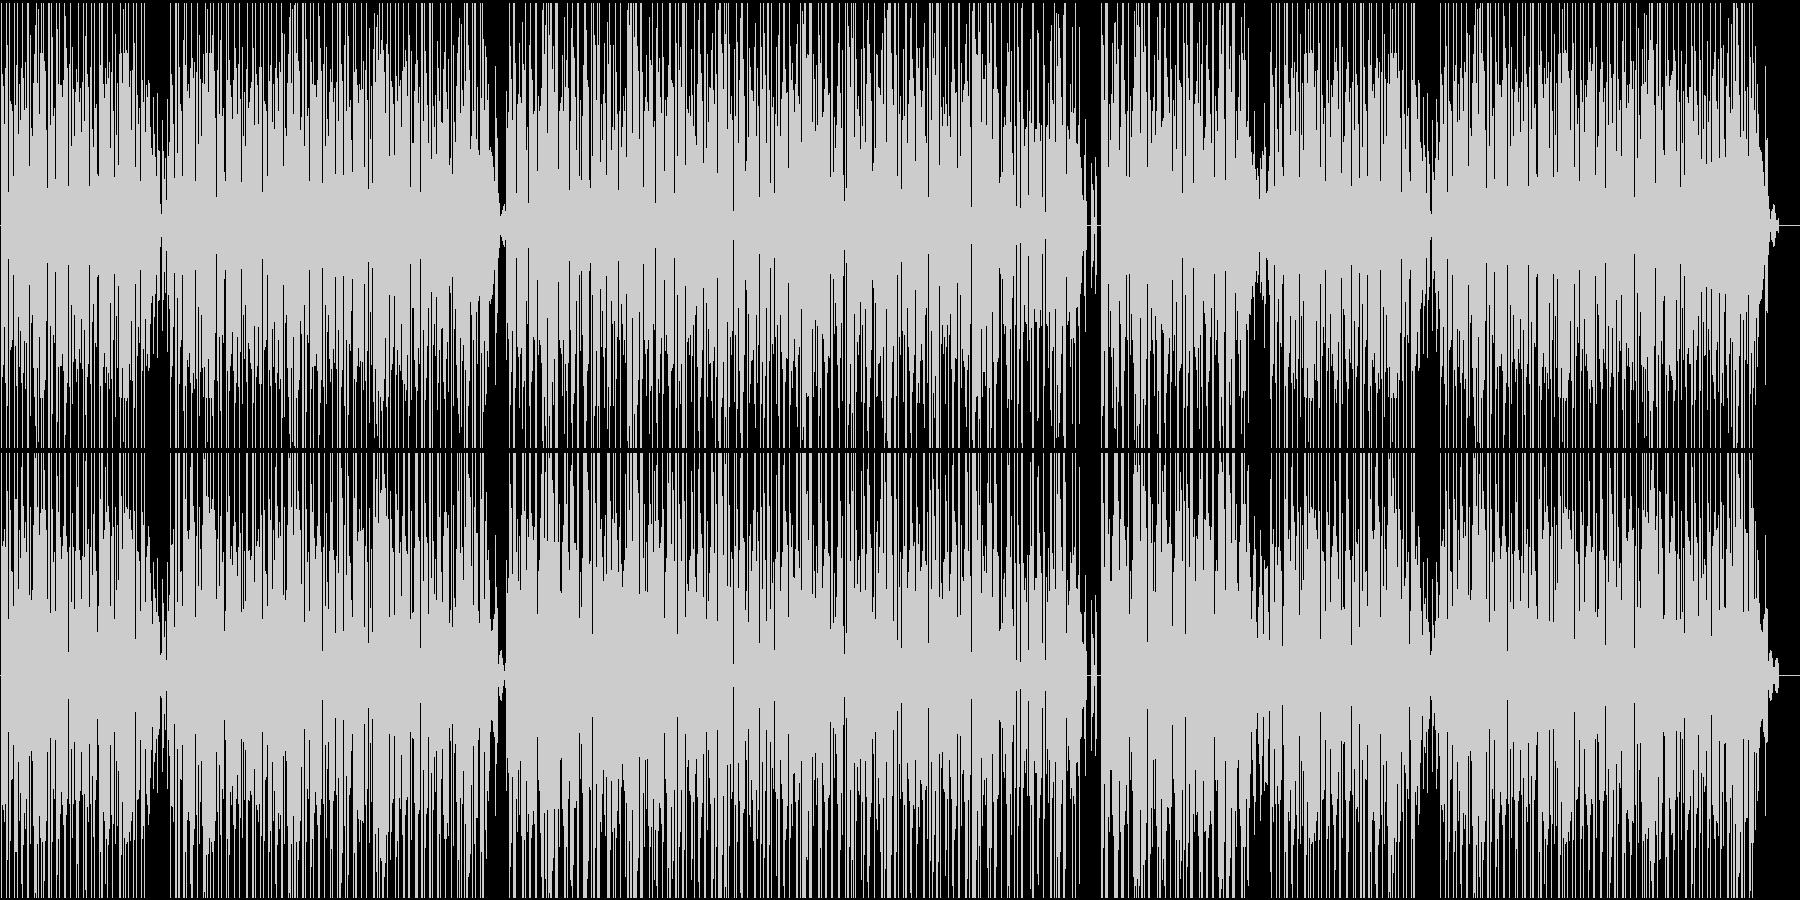 明るく軽快なBGMの未再生の波形